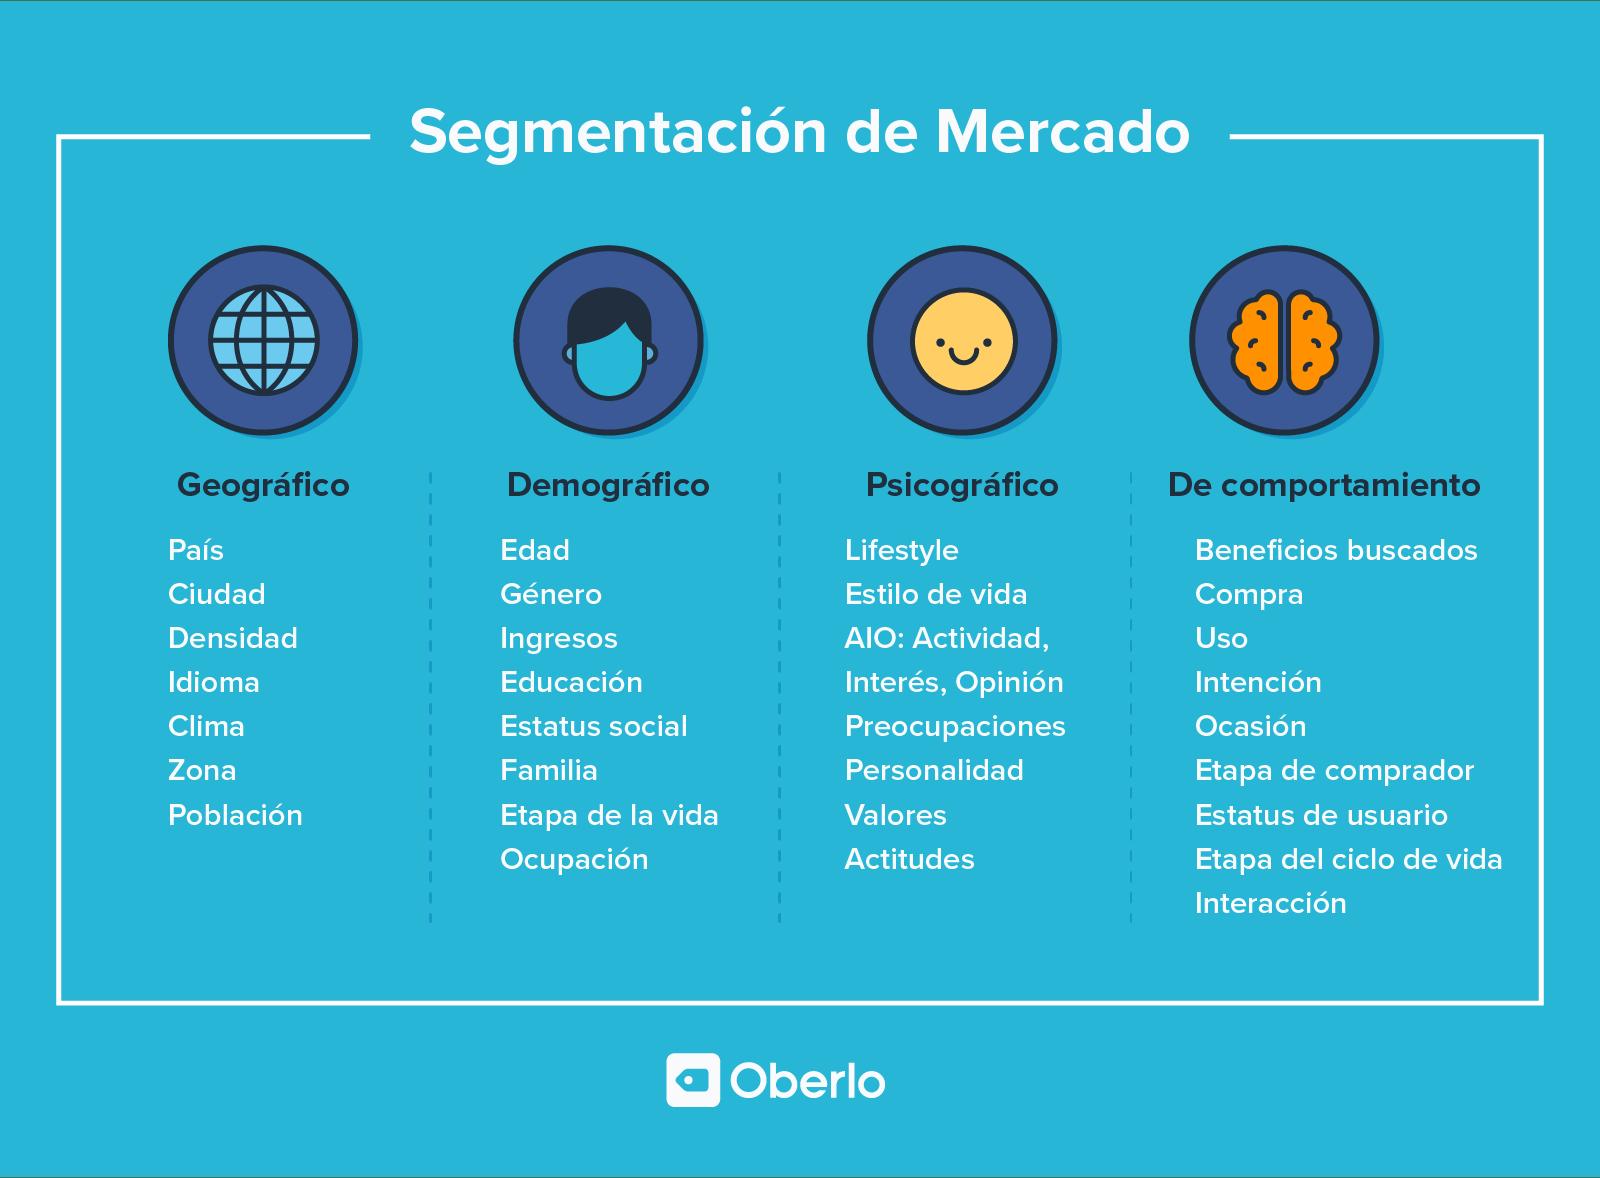 tipos de segmentación de mercado tipos de mercado